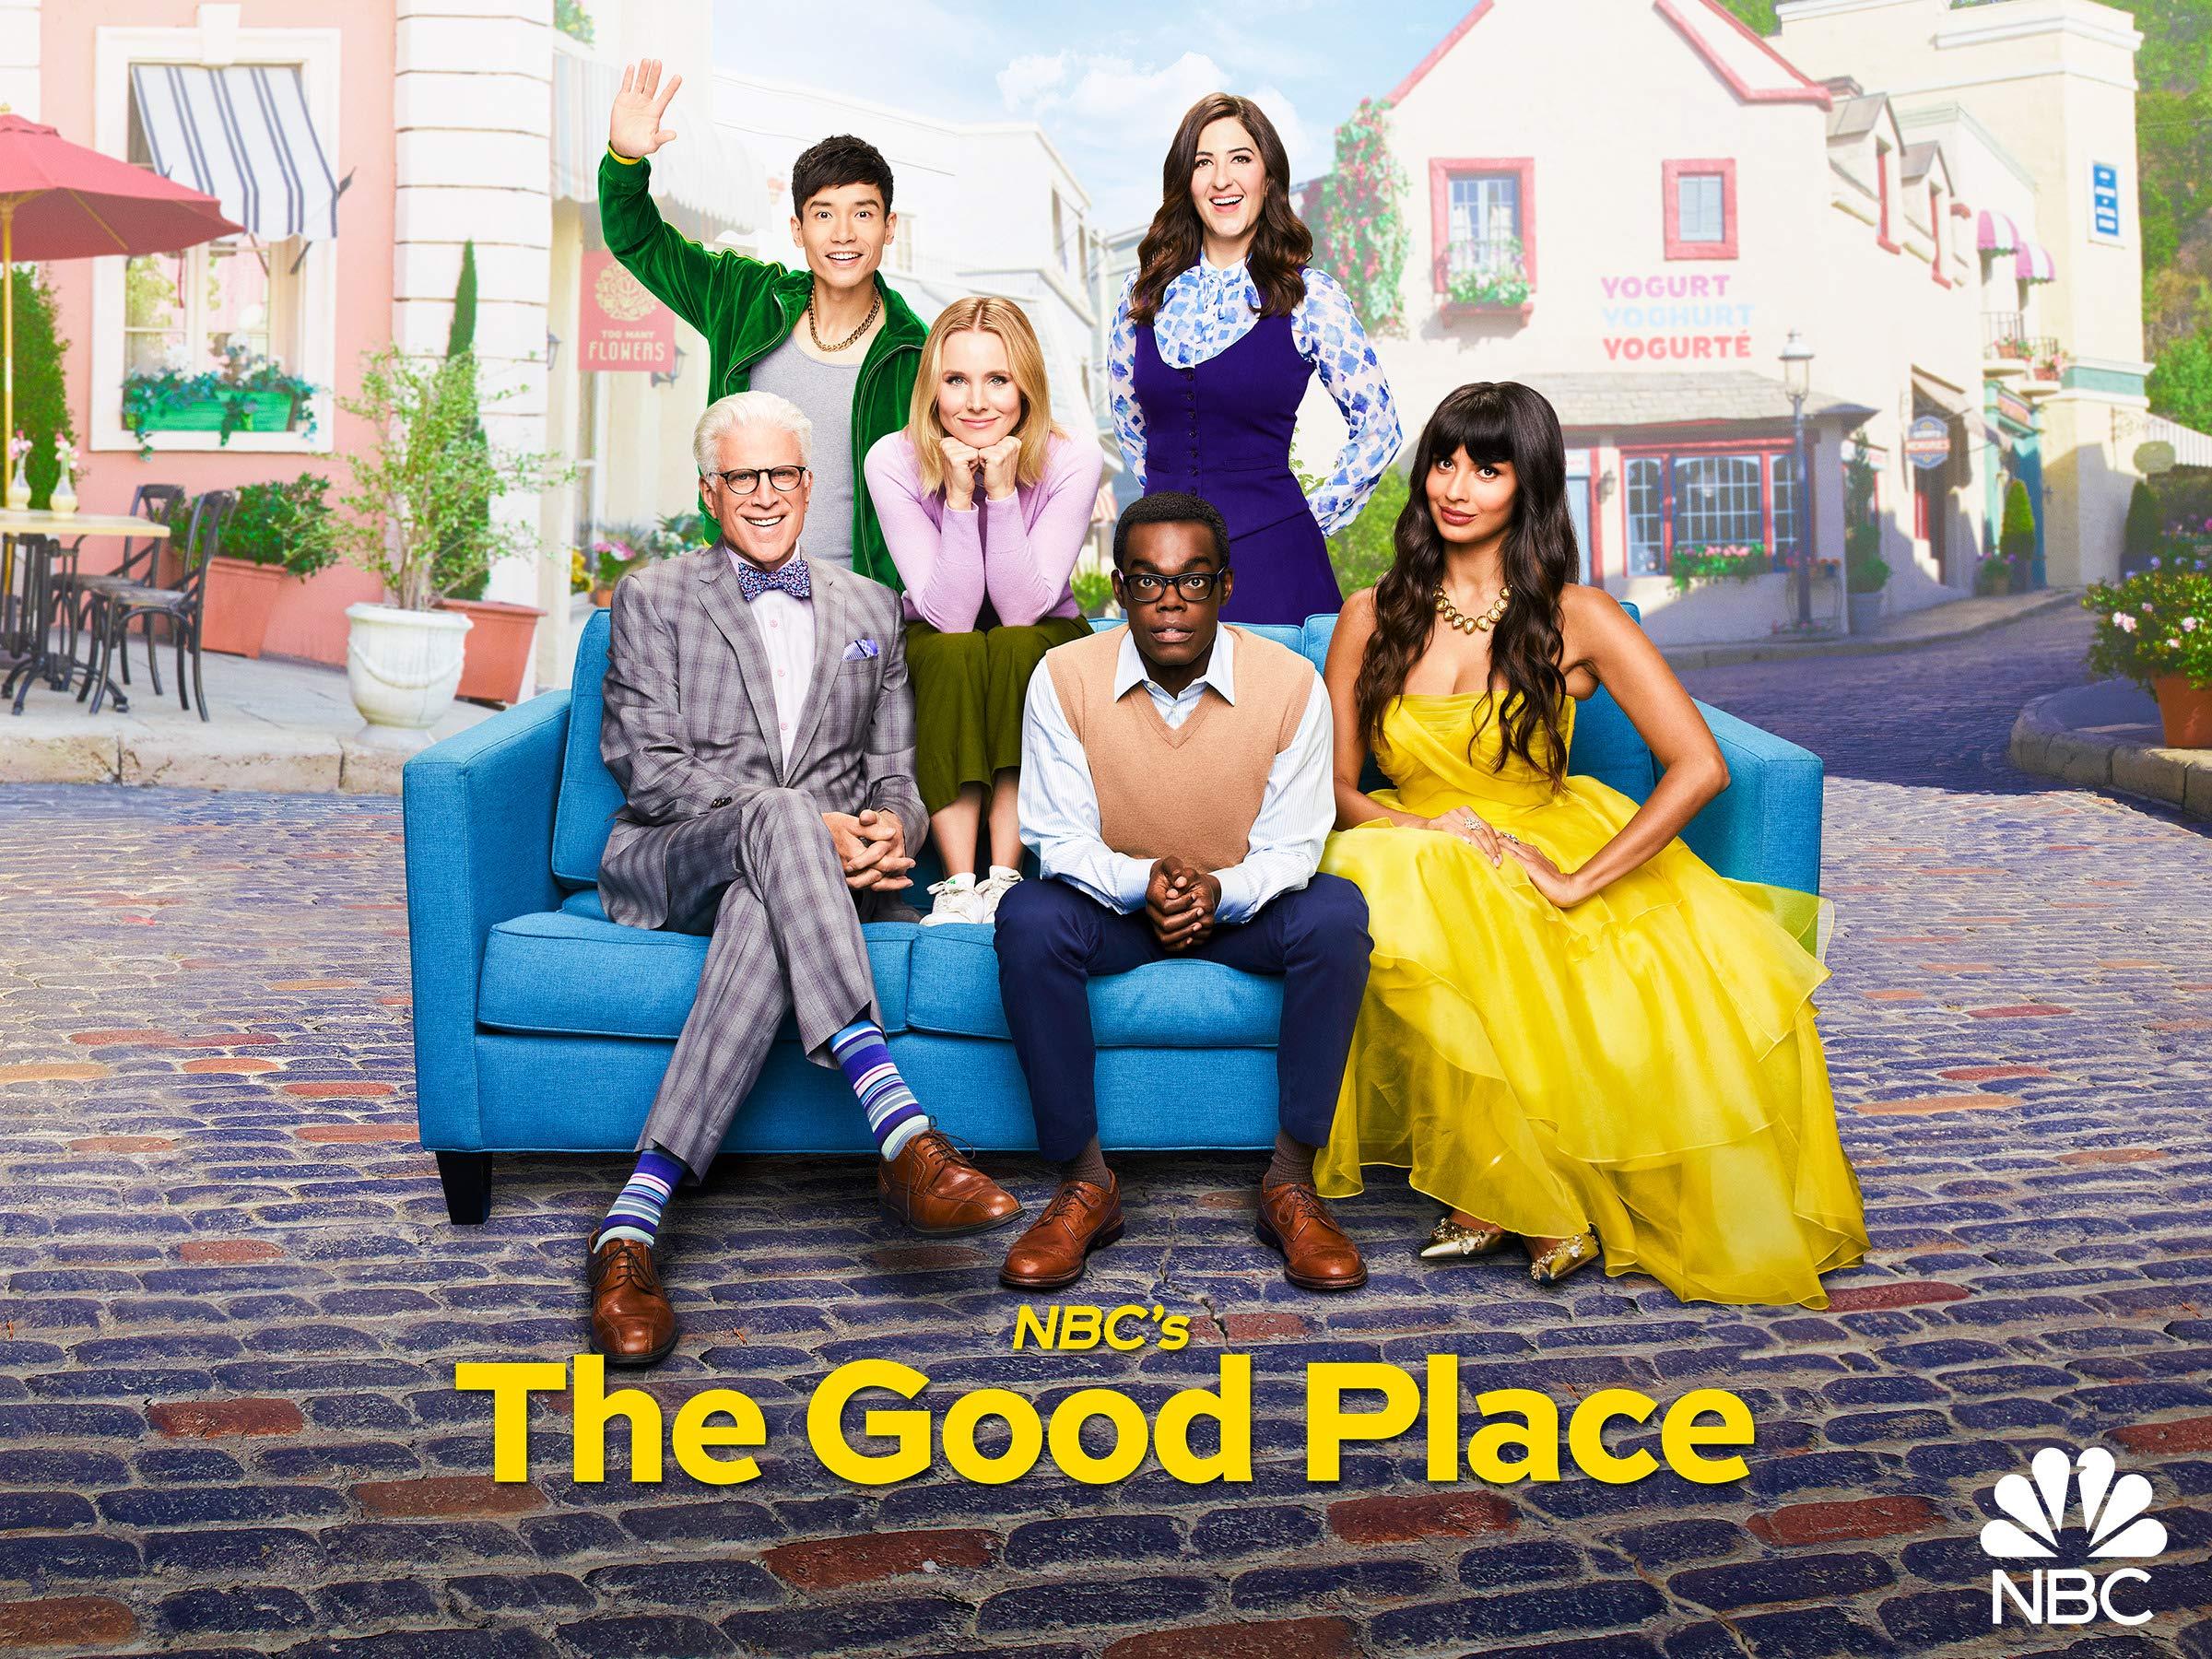 The Good Place 6 shows like Brooklyn Nine-Nine